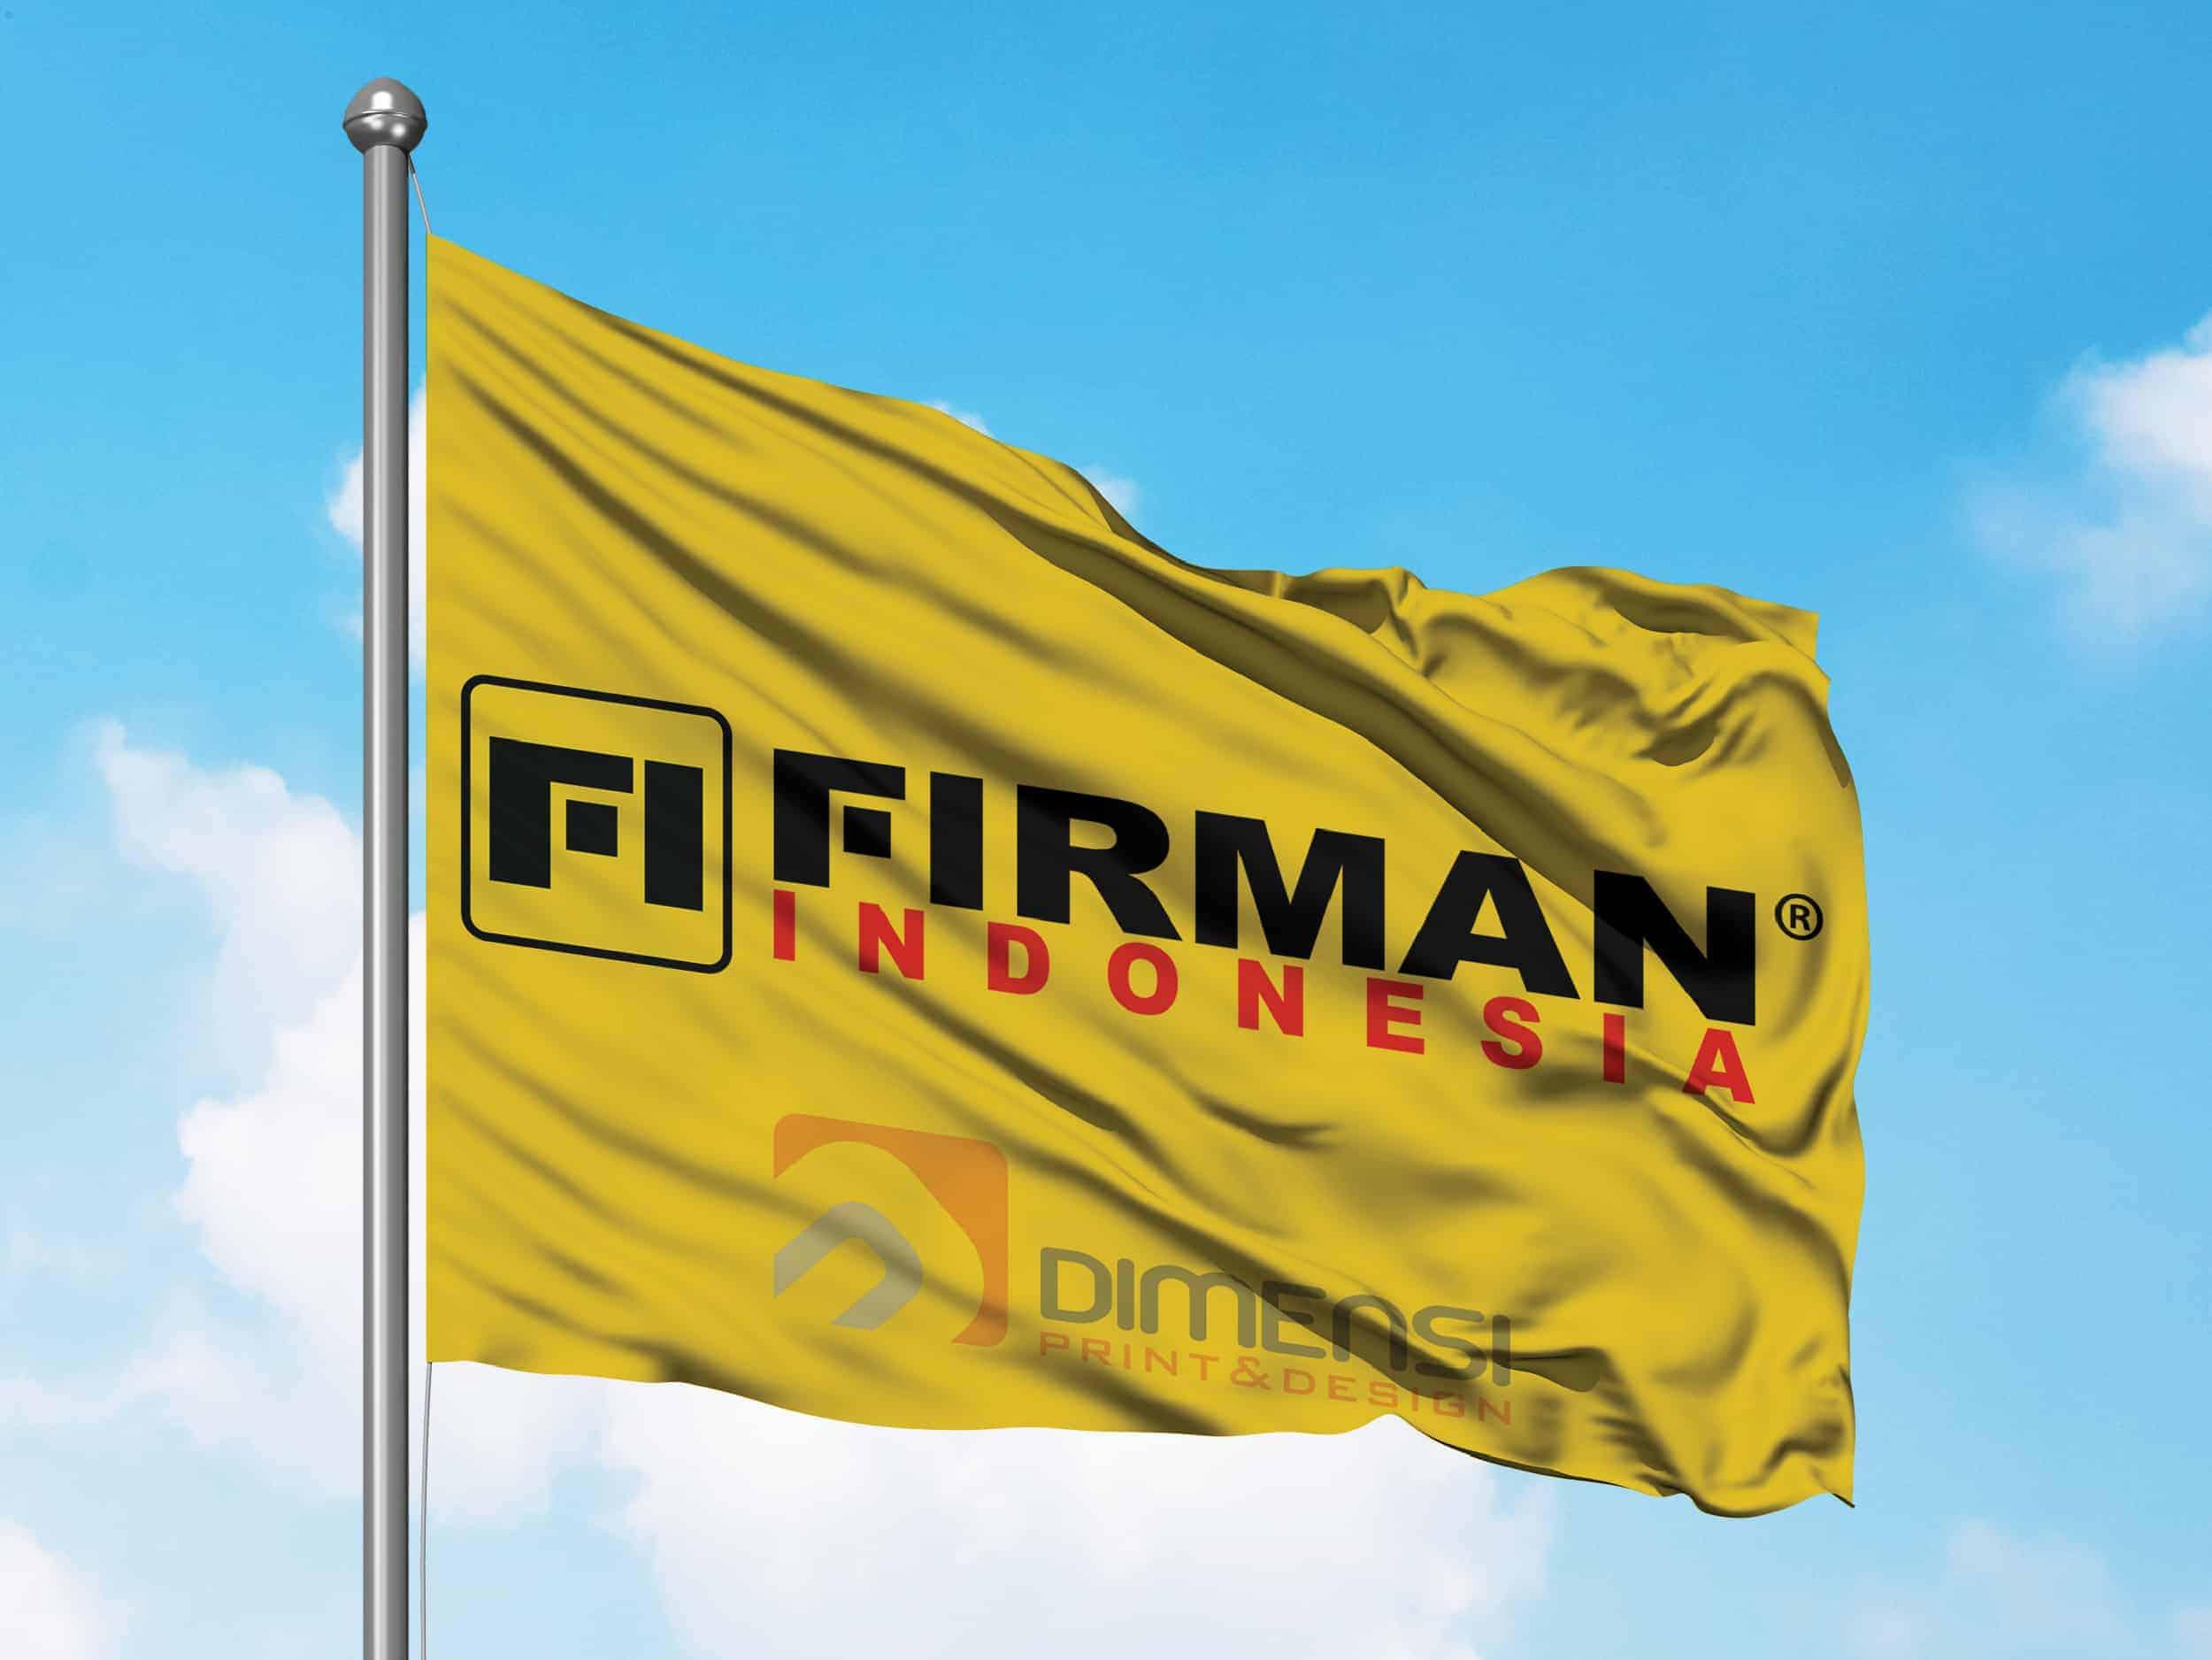 Jasa desain dan cetak bendera online harga murah dan terdekat di Serpong Tangerang Selatan